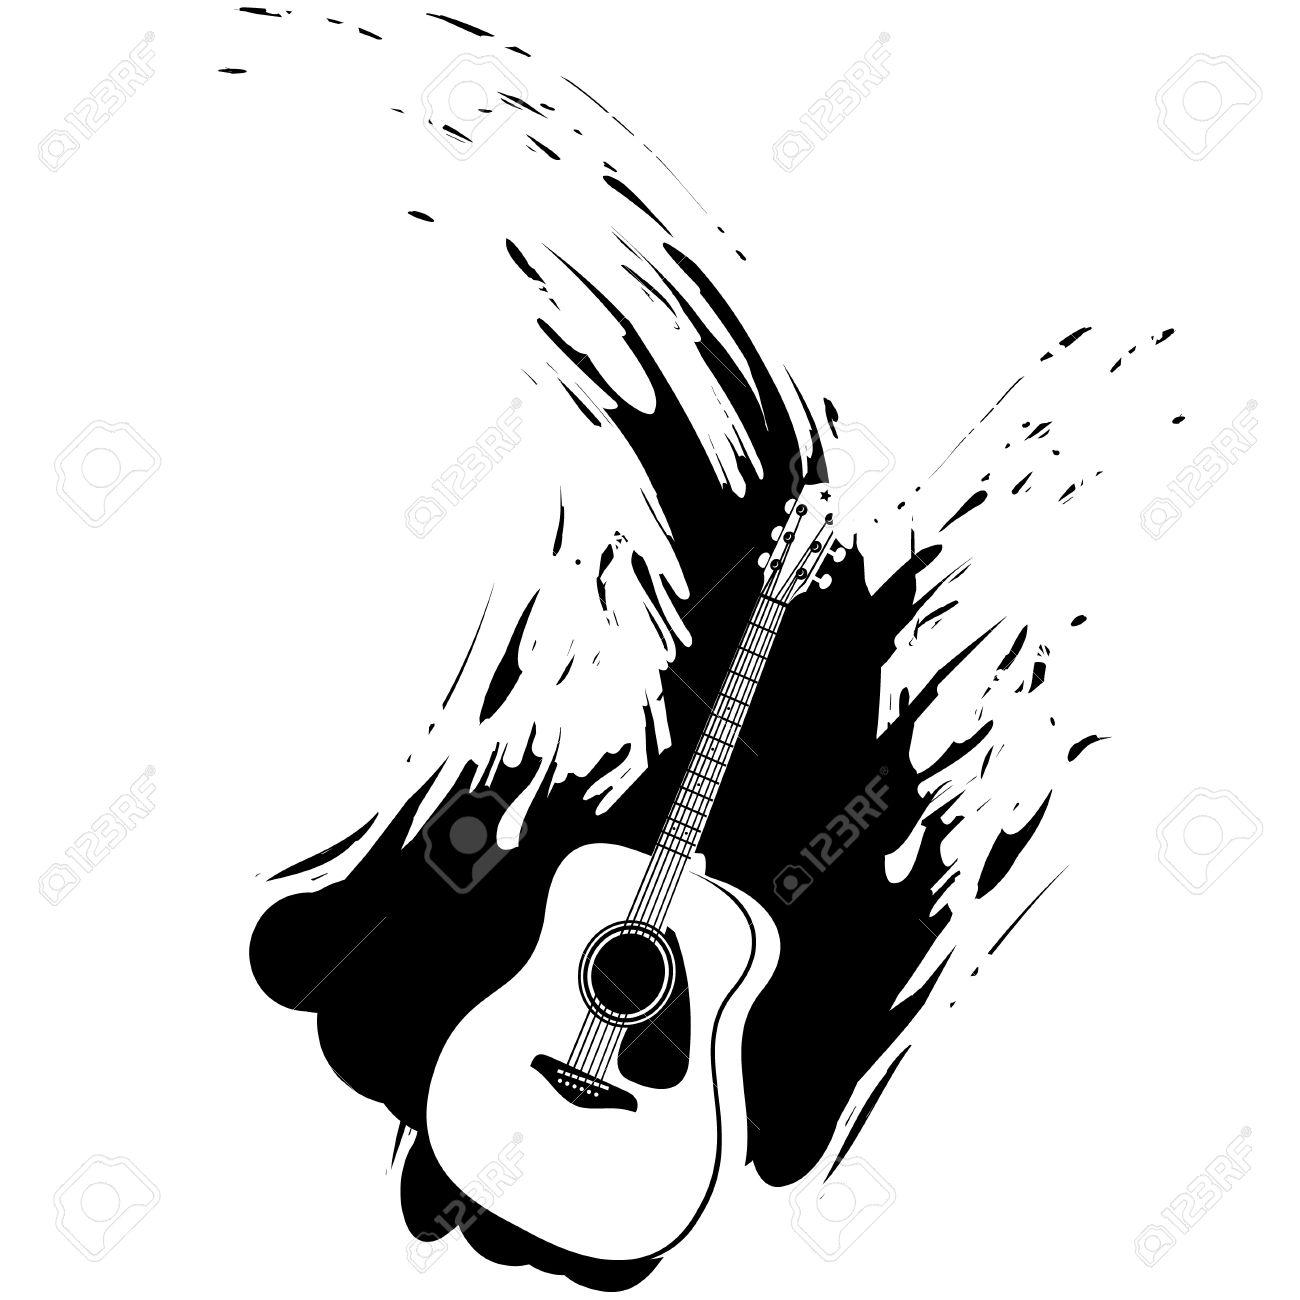 アコースティック ギター グランジ スプラッシュ デザインシルエット